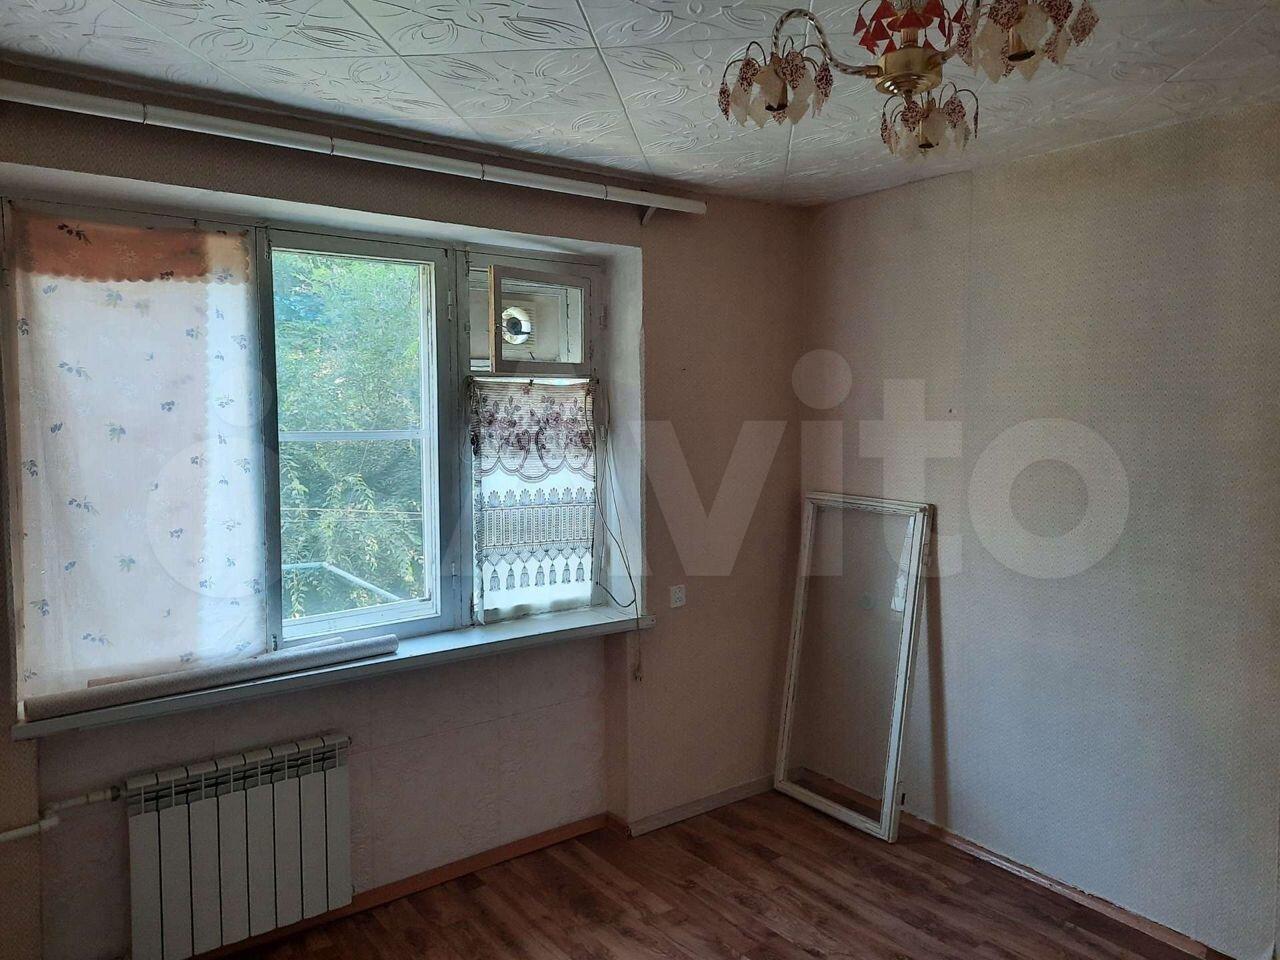 1-к квартира, 18 м², 3/5 эт.  89033487388 купить 2